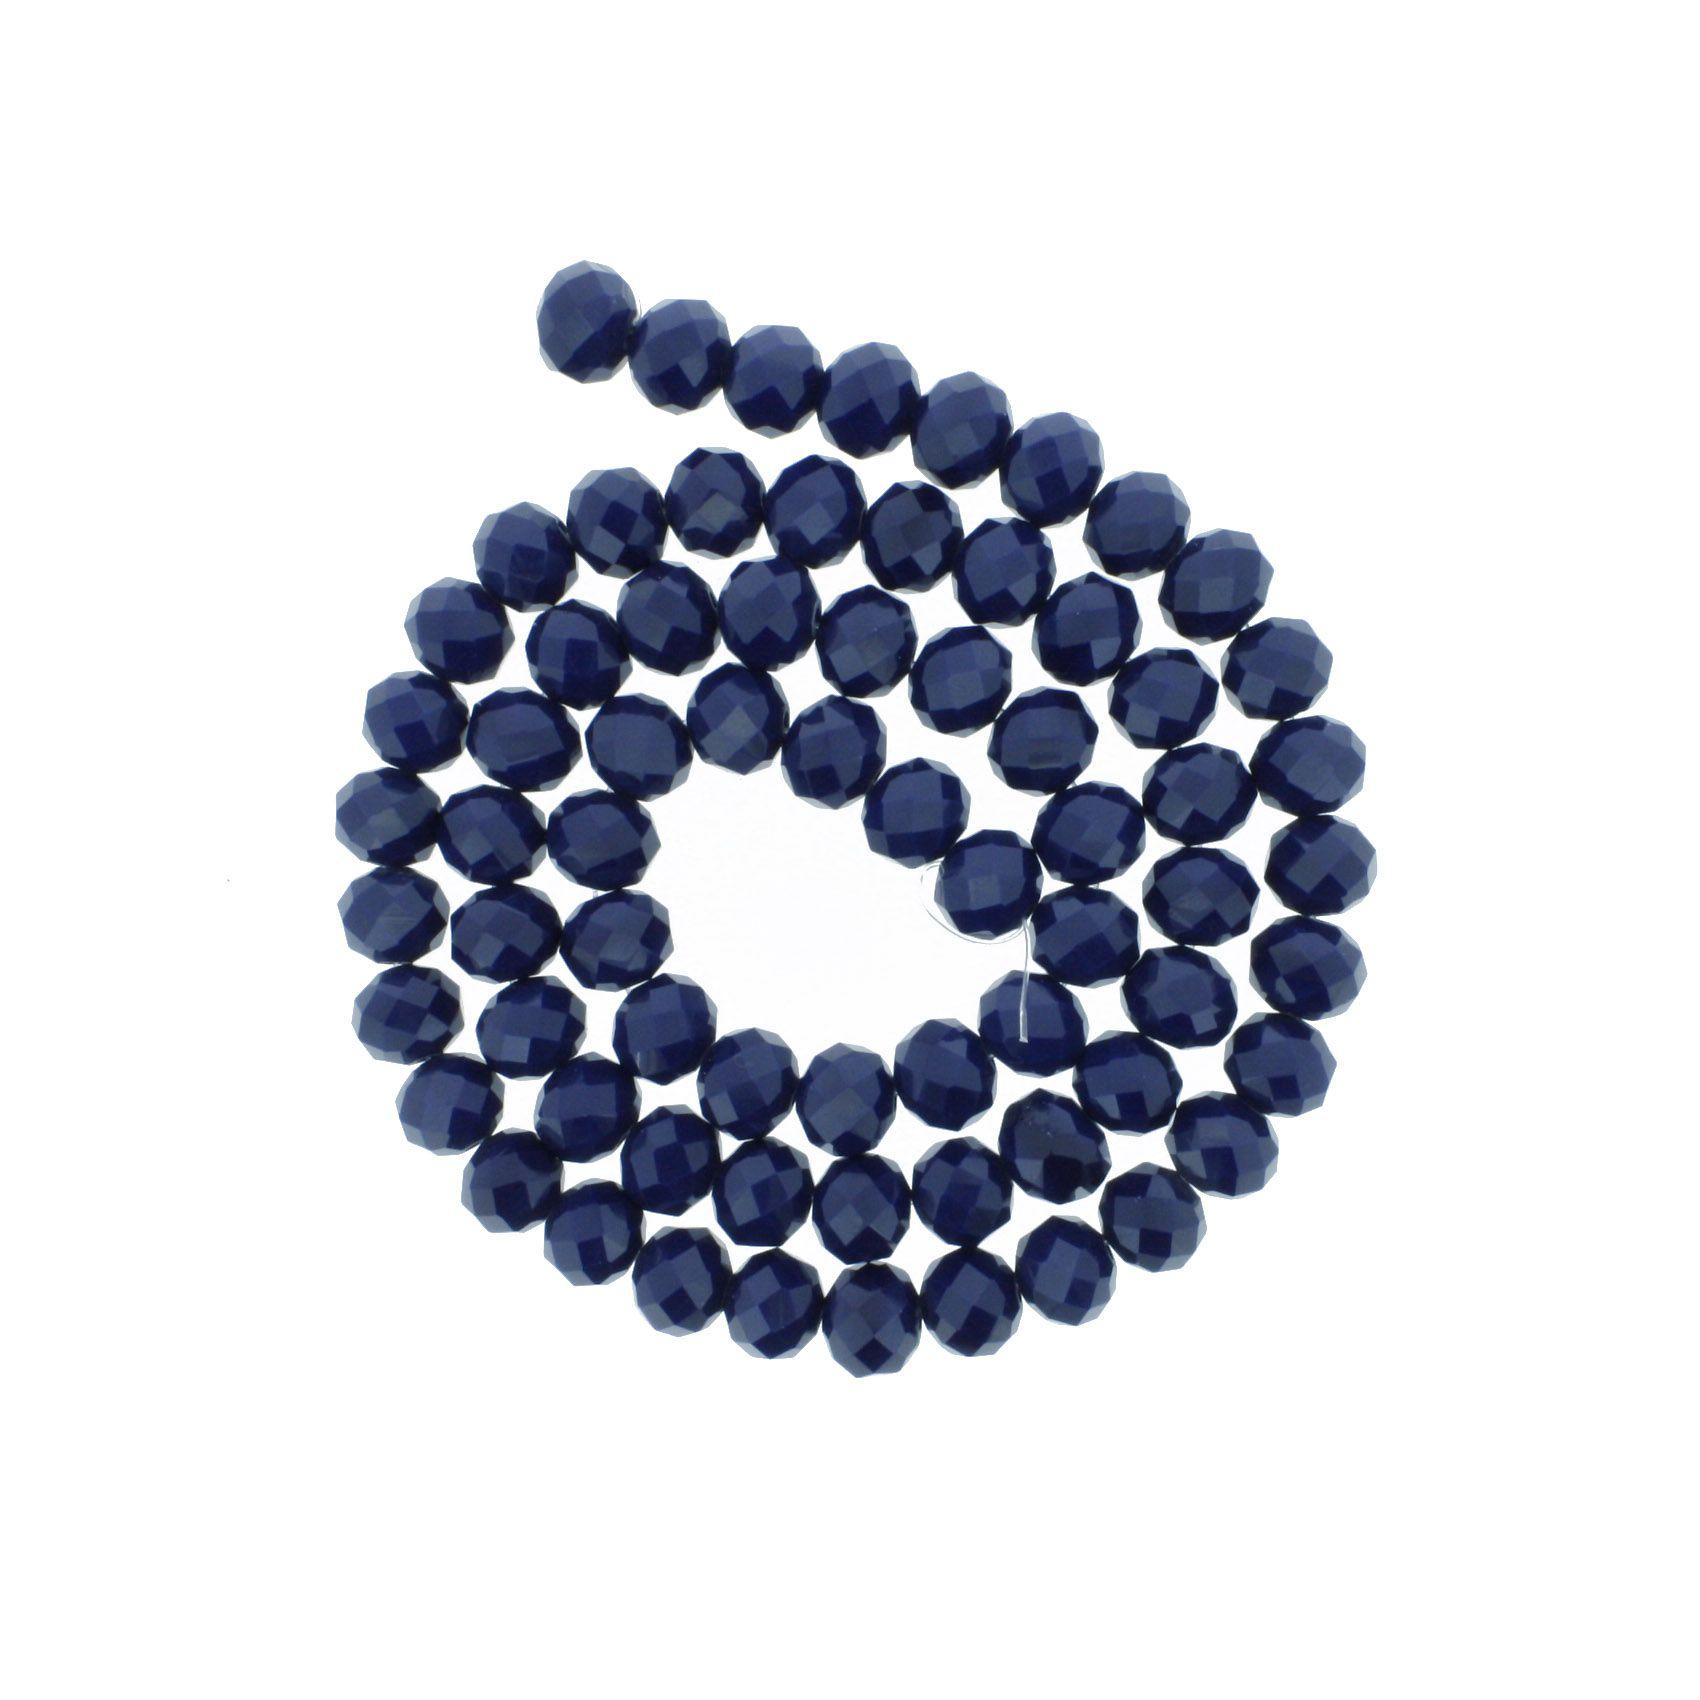 Fio de Cristal - Piatto® - Azul Marinho - 10mm  - Universo Religioso® - Artigos de Umbanda e Candomblé